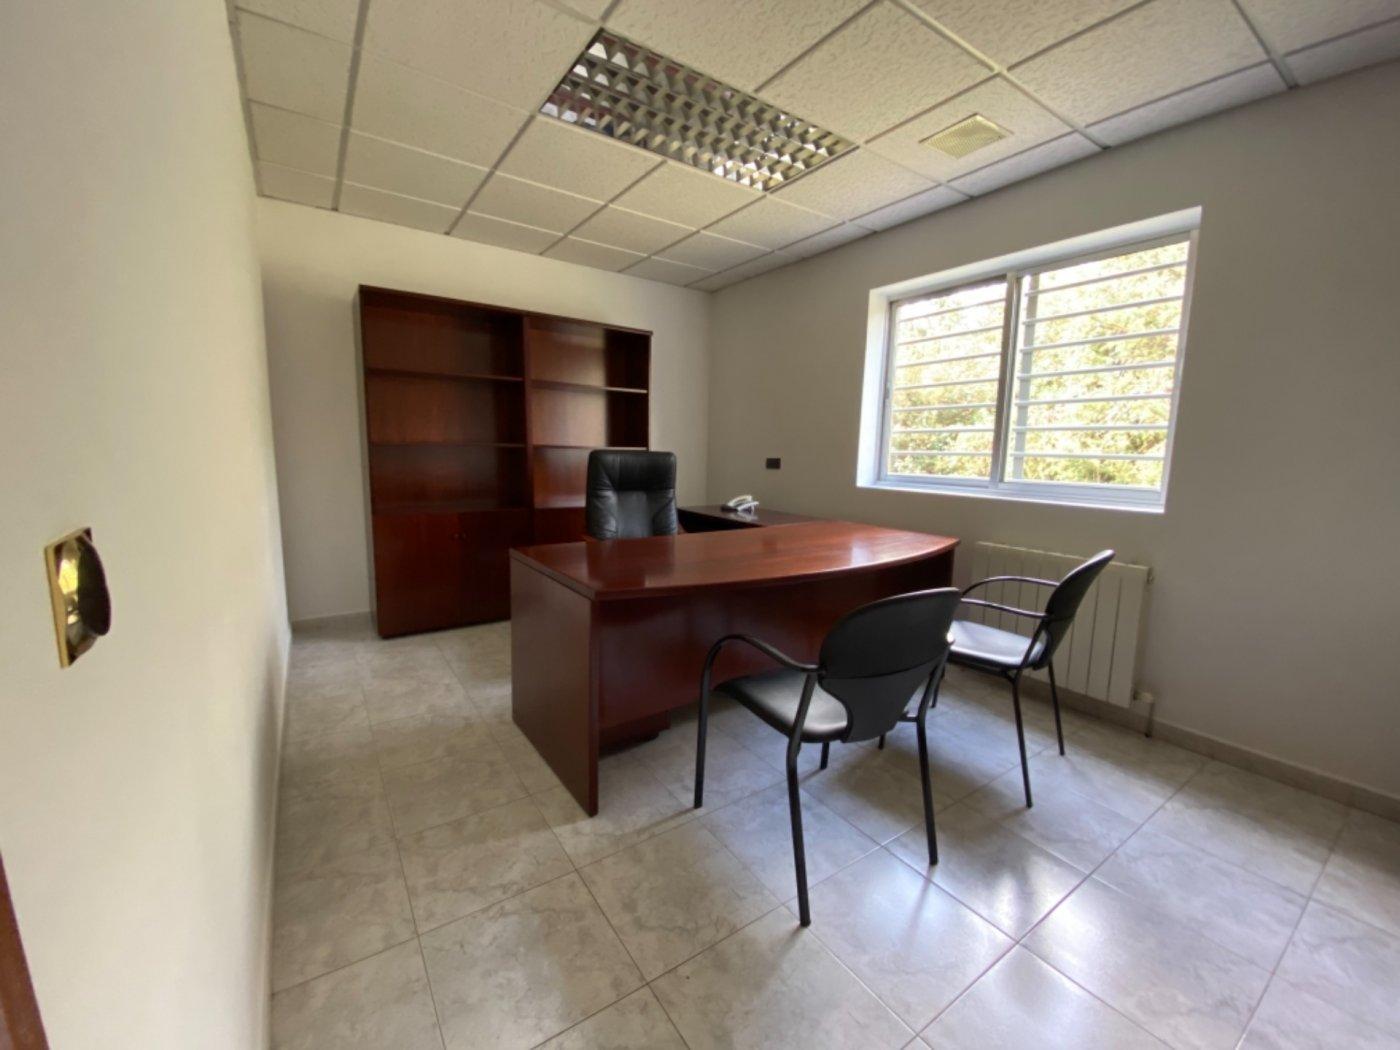 Nave con terreno y oficinas en falmuria - imagenInmueble14